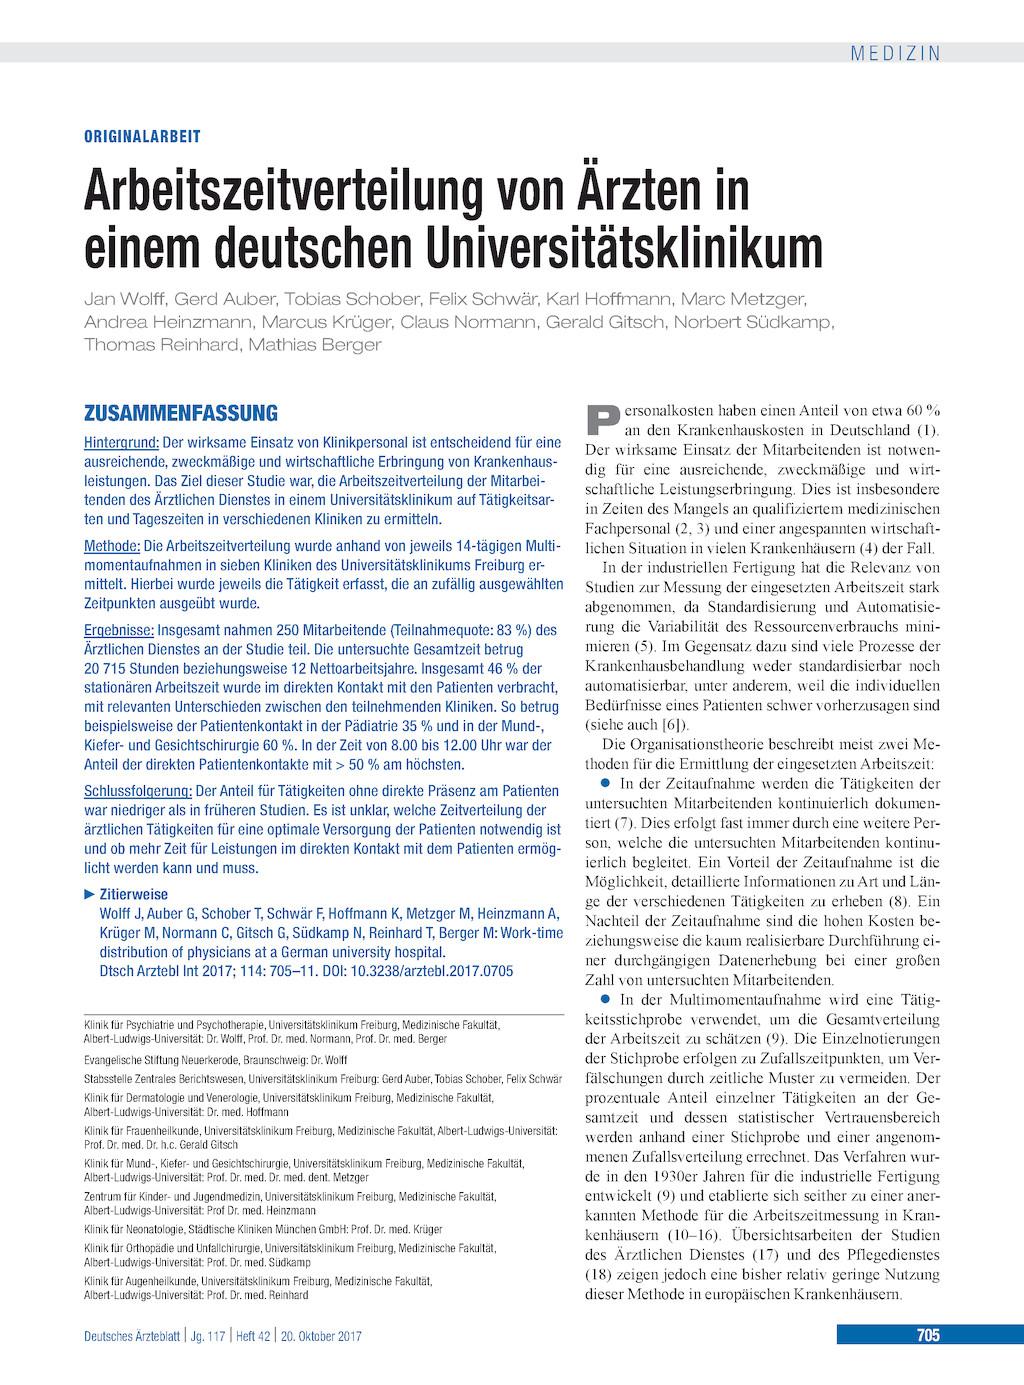 """Arbeitszeitverteilung Von """"rzten In Einem Deutschen Universitätsklinikum"""